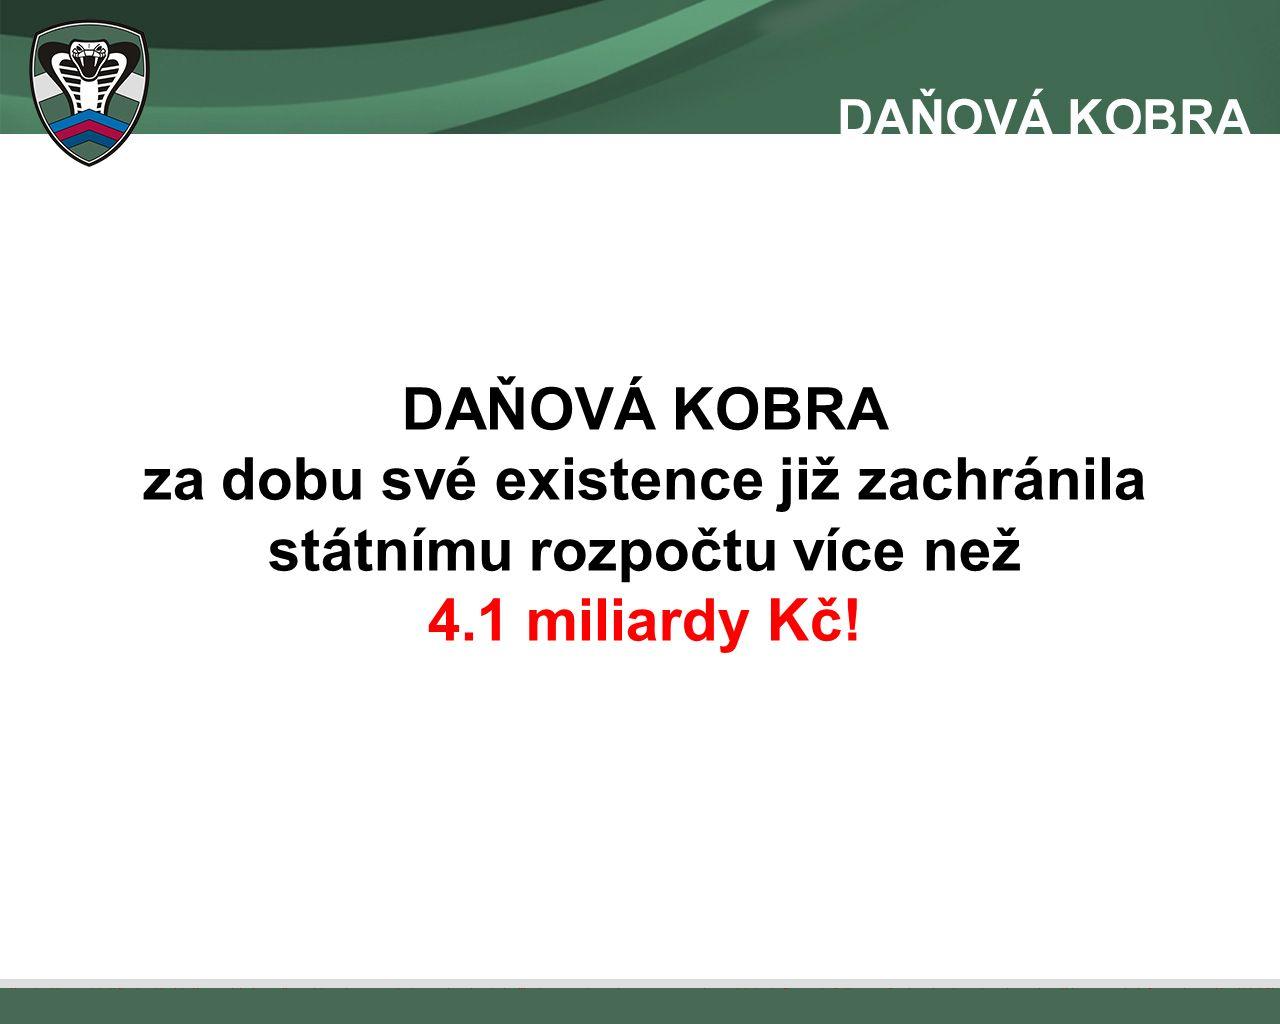 DAŇOVÁ KOBRA za dobu své existence již zachránila státnímu rozpočtu více než 4.1 miliardy Kč!